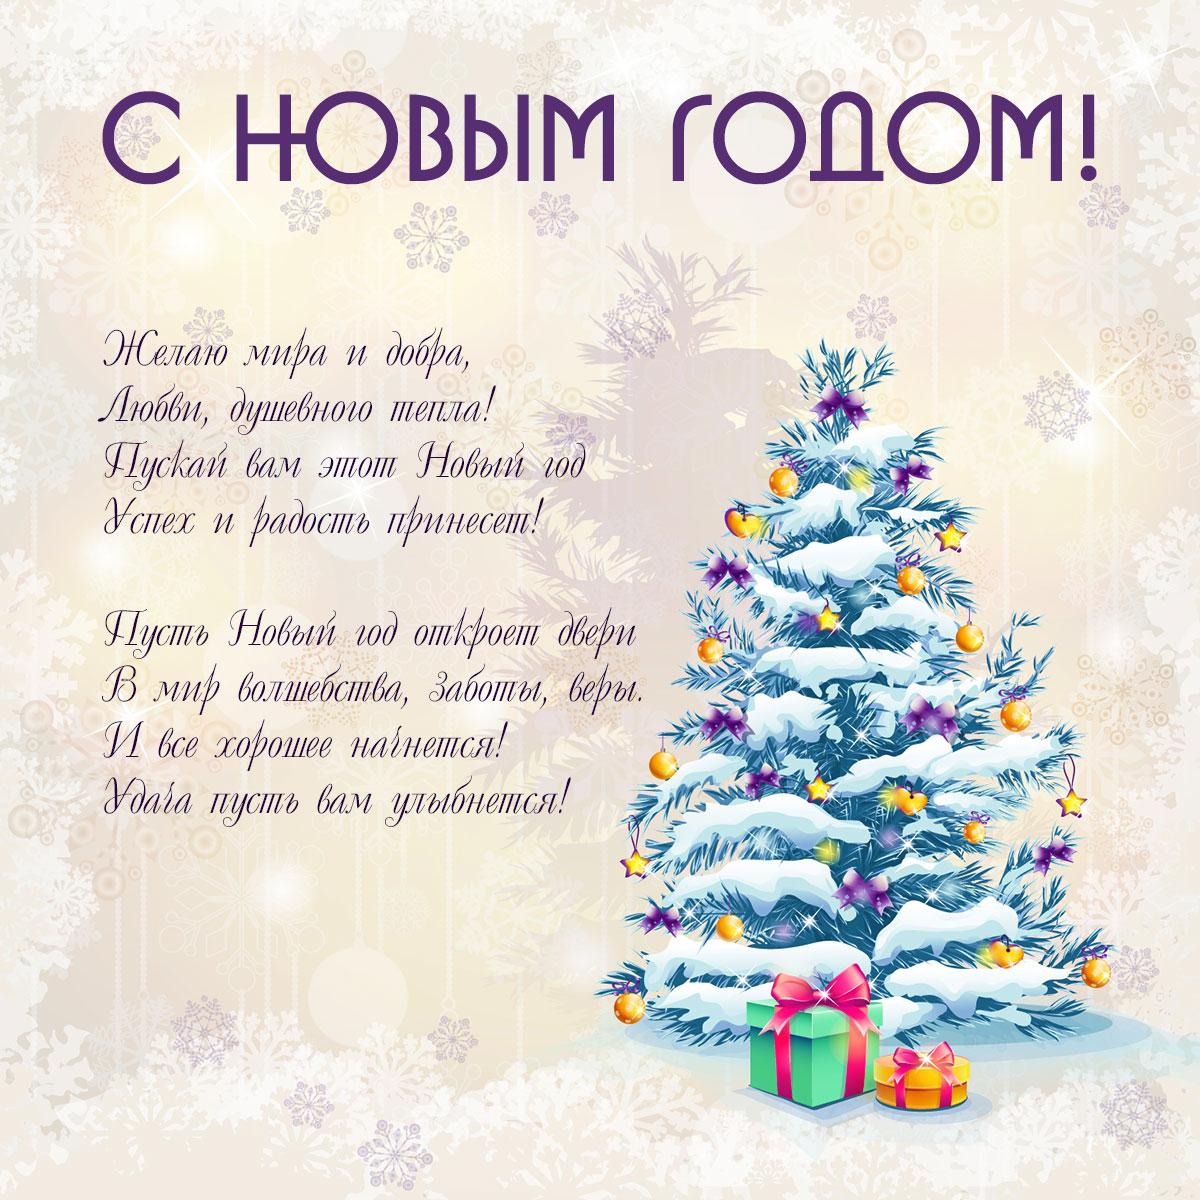 Поздравление с новым годом в стихах на фоне заснеженной ёлки с подарками.